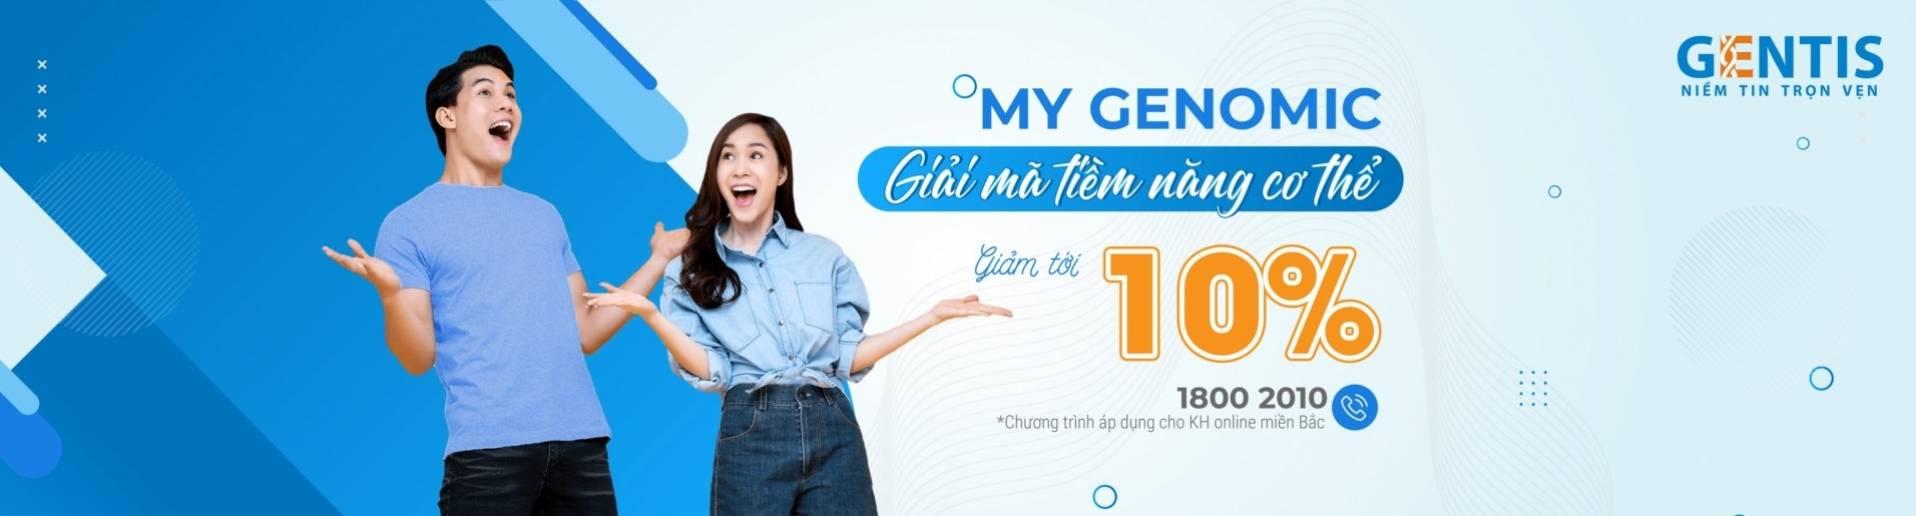 Giải mã Gen